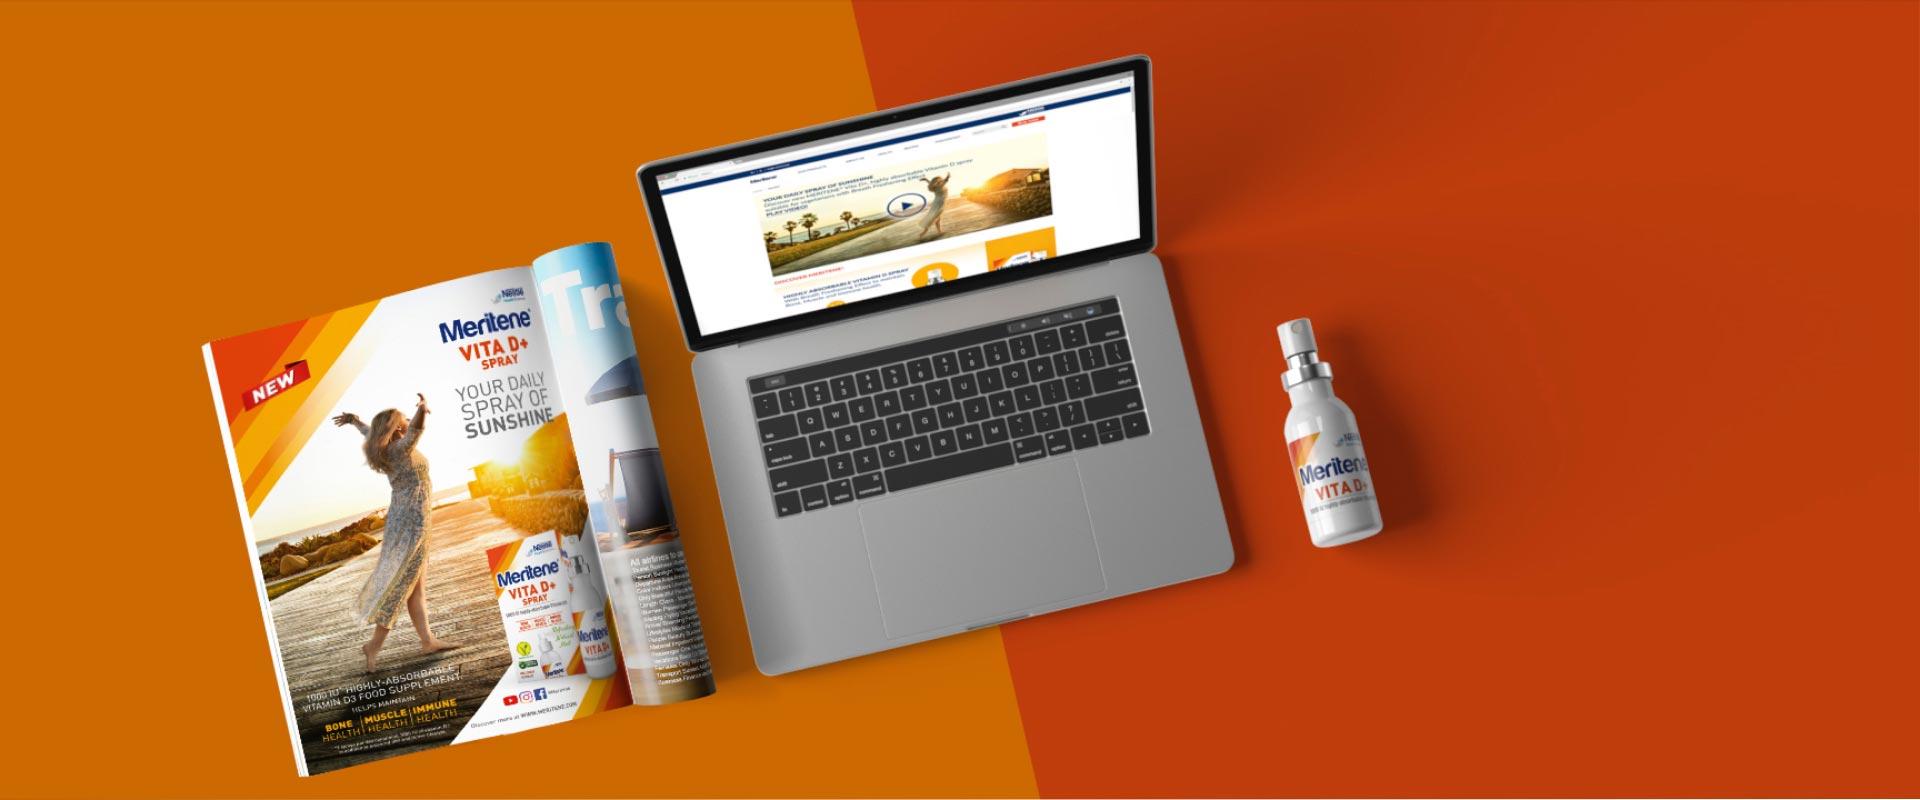 Vita D+ Nestlé Health Science campagna comunicazione adv consumer trade e spot TV